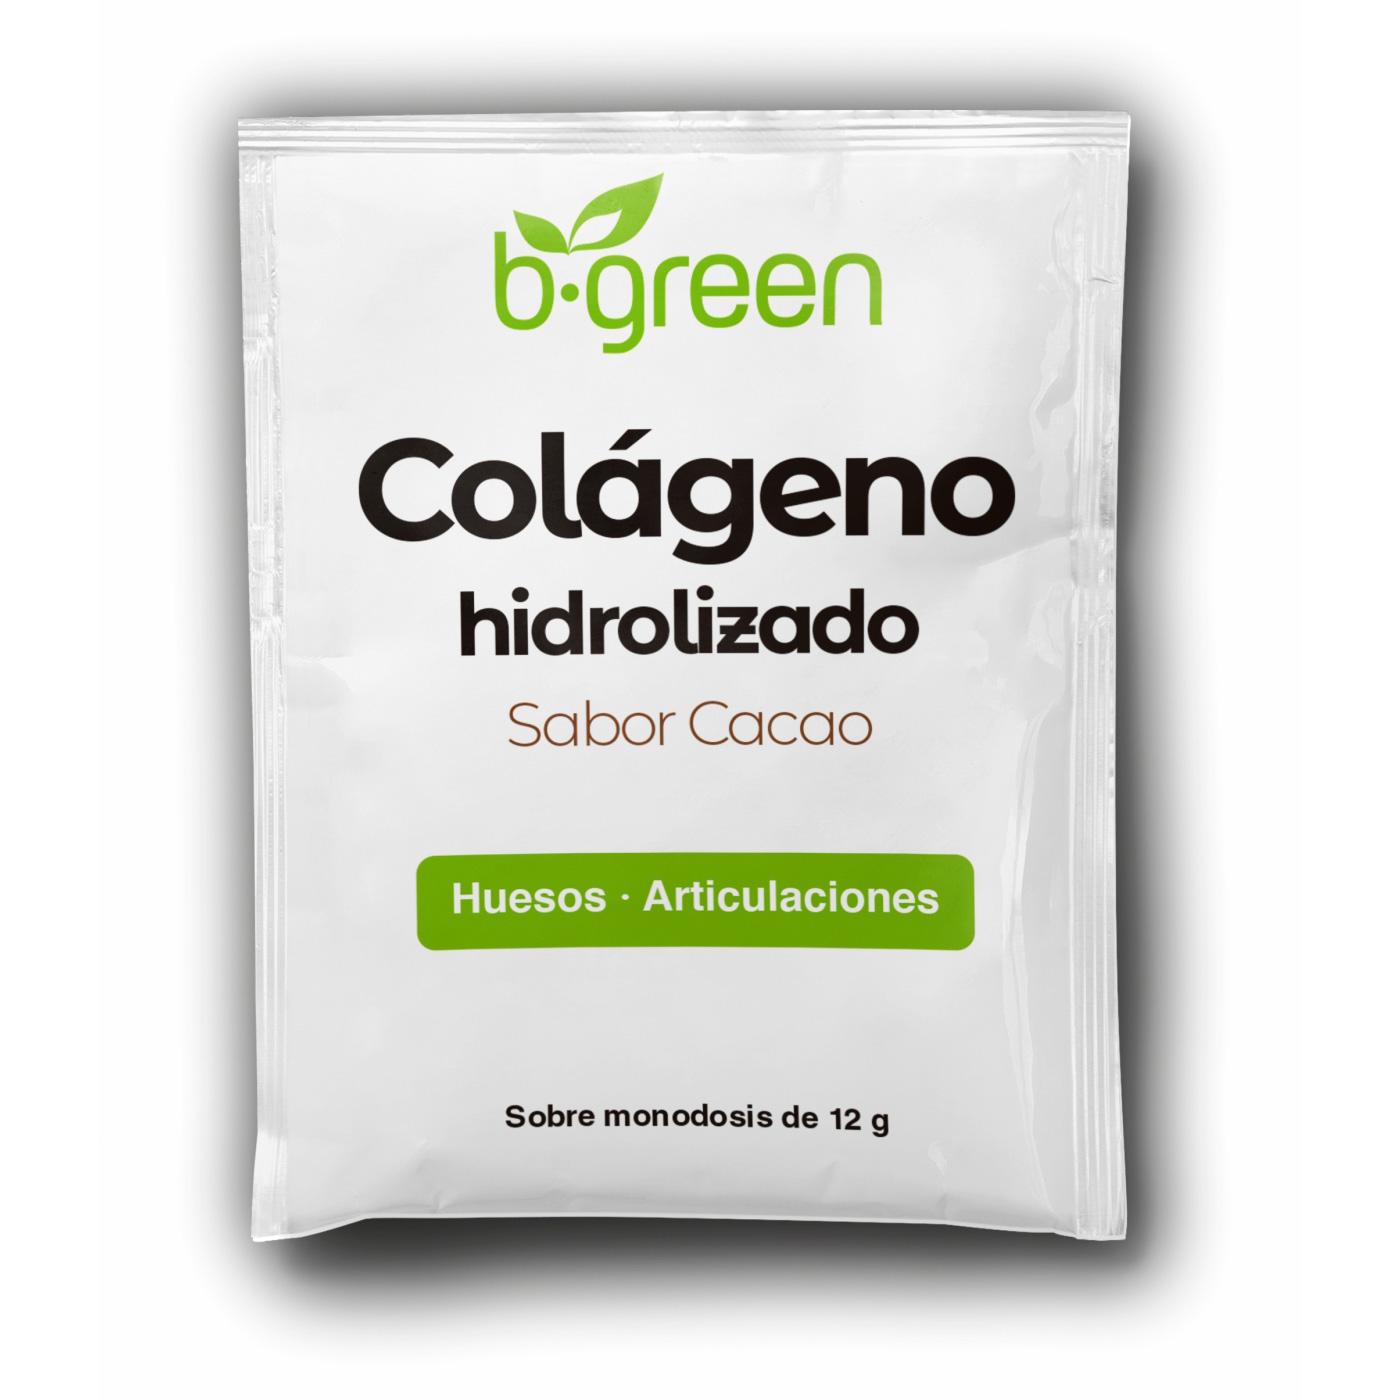 colageno hidrolizado sabor cacao